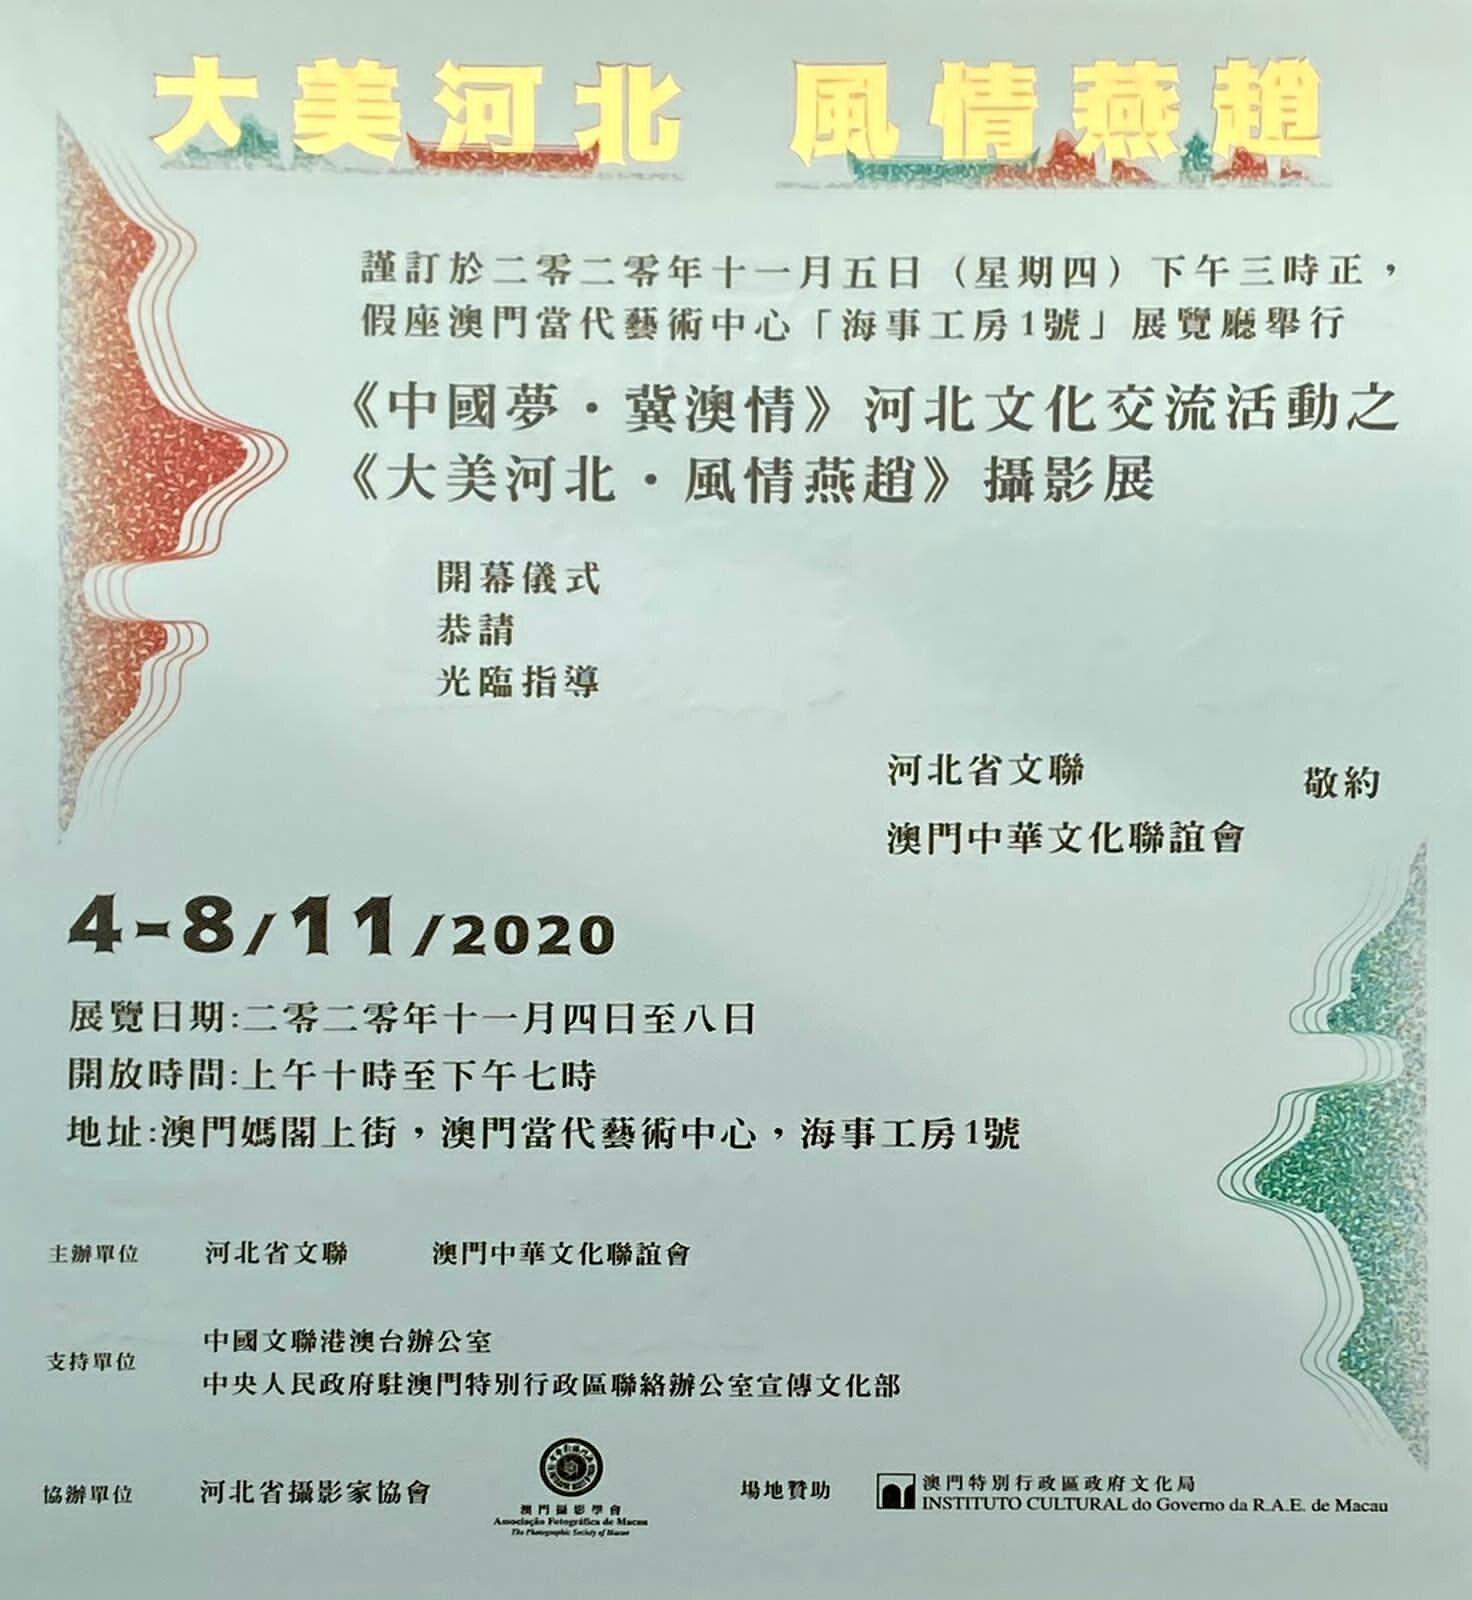 PHOTO-2020-11-03-20-10-03 2